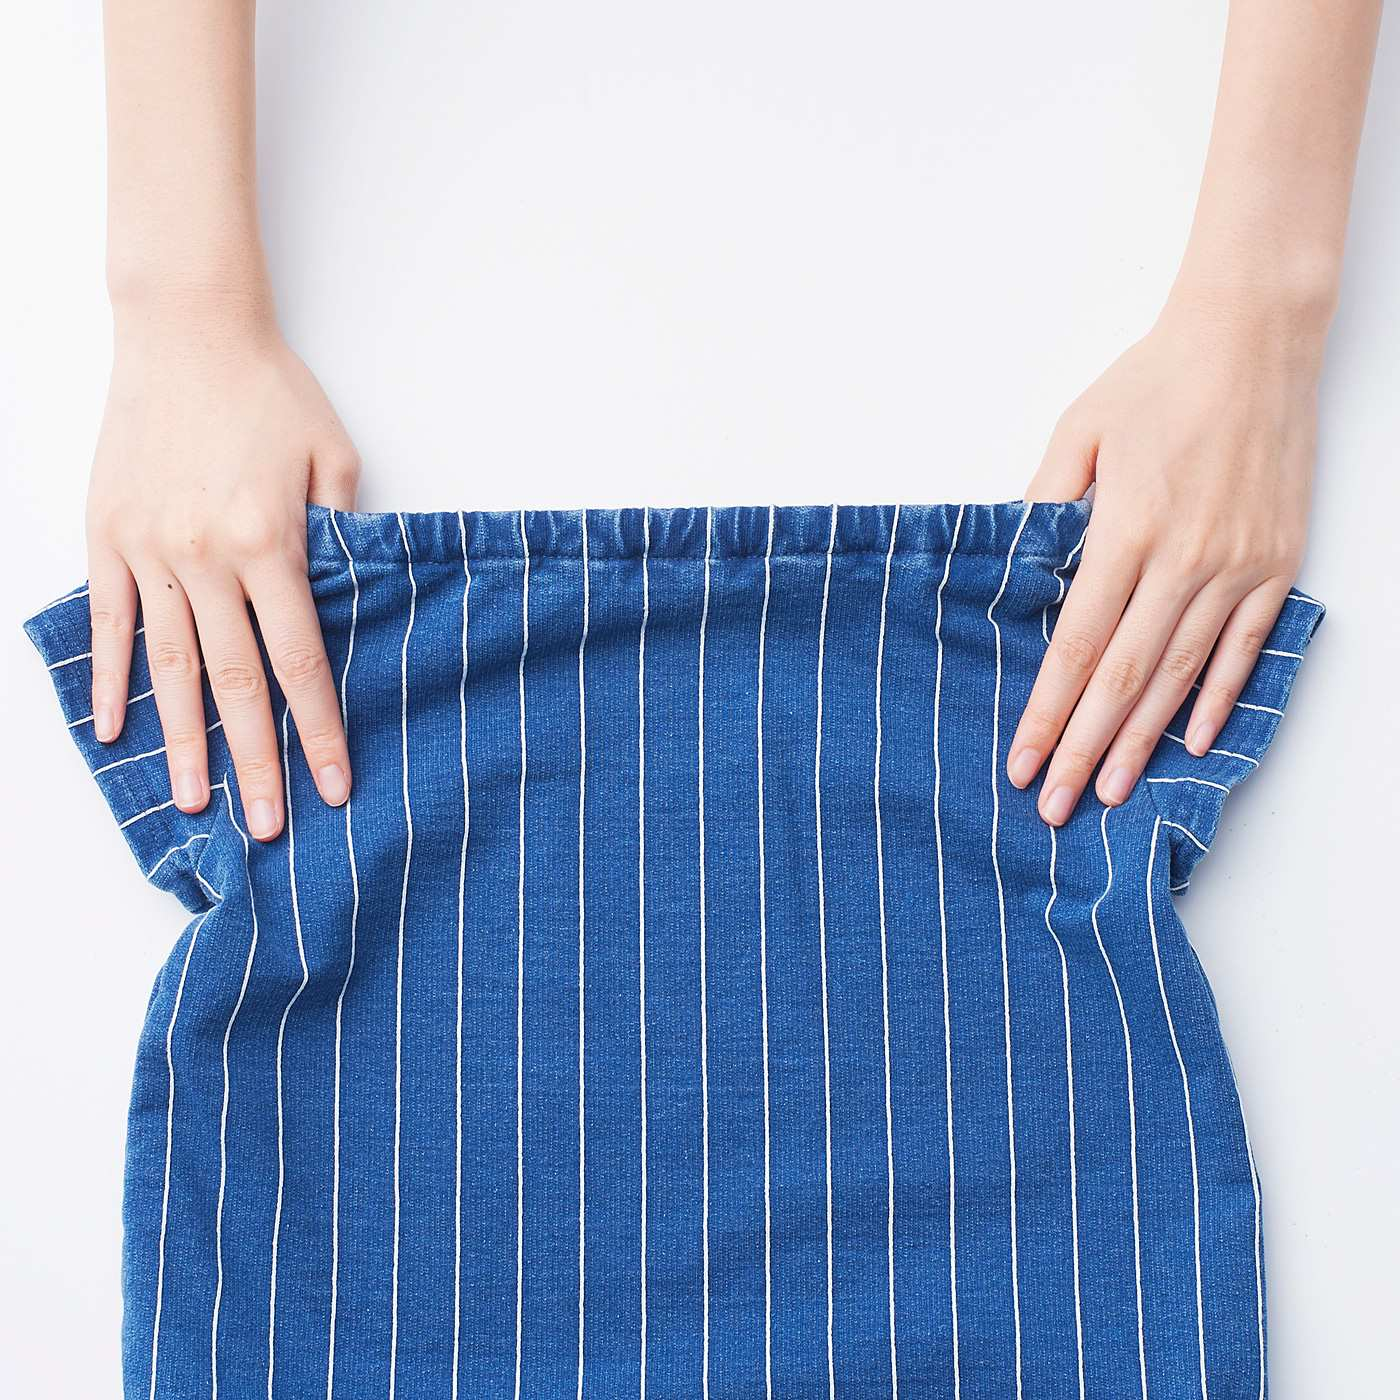 衿ぐりはゴム仕上げで、ひとりお着替えをサポート!